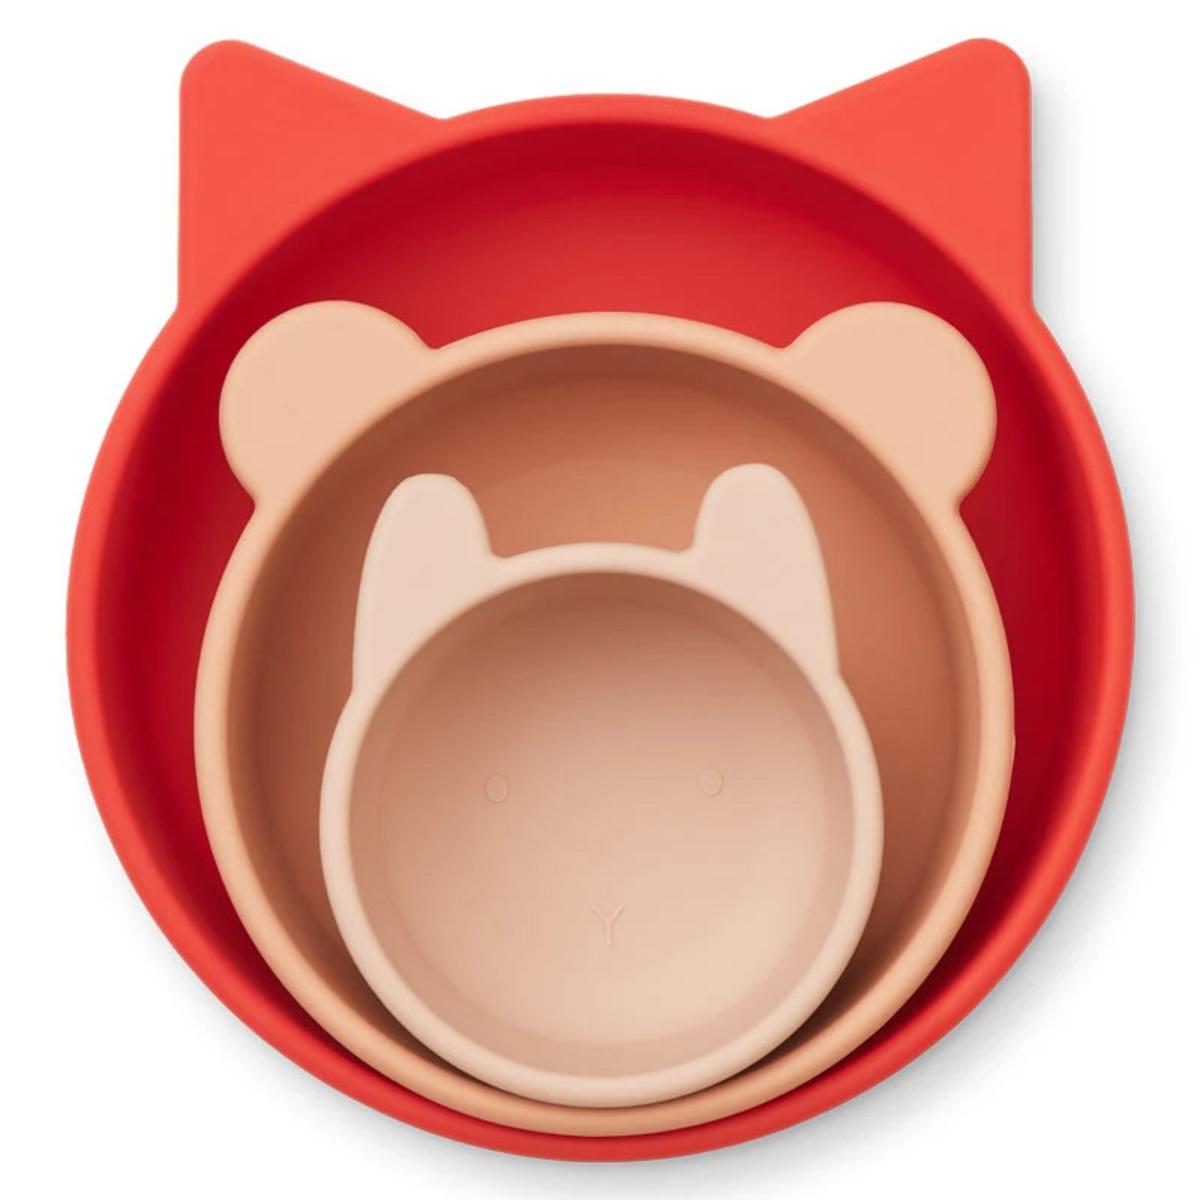 Vaisselle & Couvert Lot de 3 Bols Eddies - Apple Red & Rose Multi Mix Lot de 3 Bols Eddies - Apple Red & Rose Multi Mix